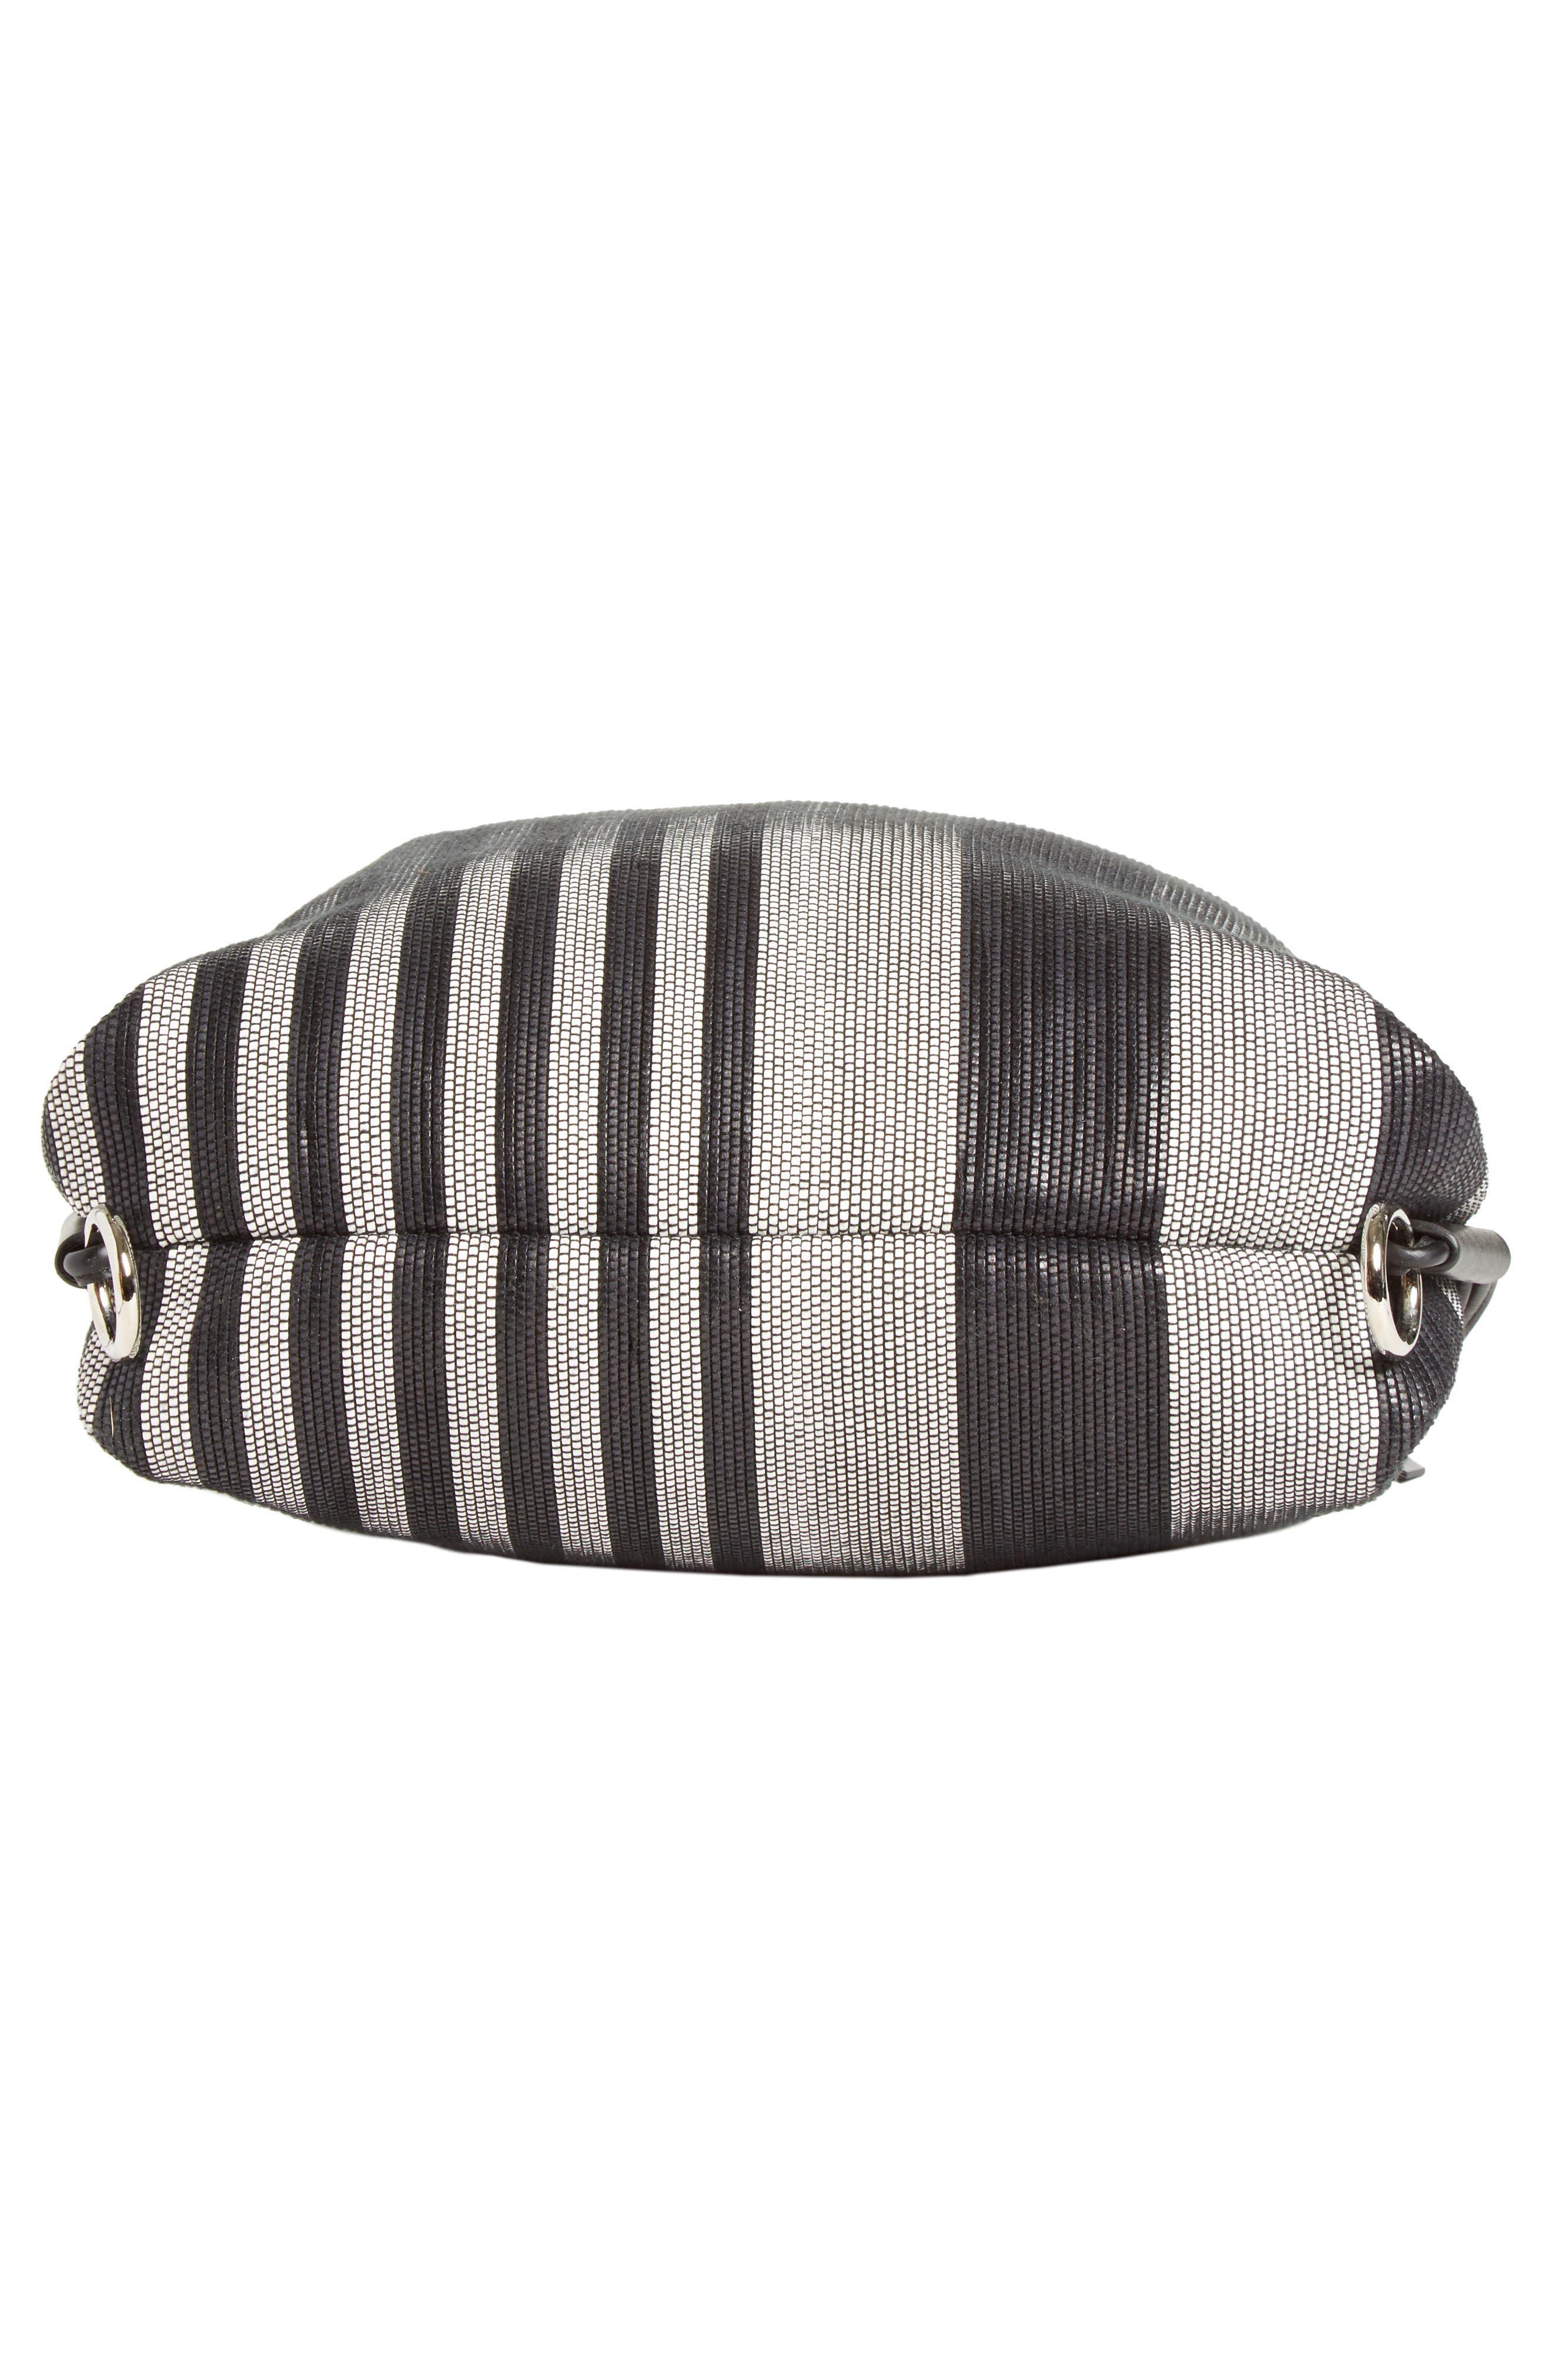 Drawstring Backpack,                             Alternate thumbnail 4, color,                             BLACK/WHITE